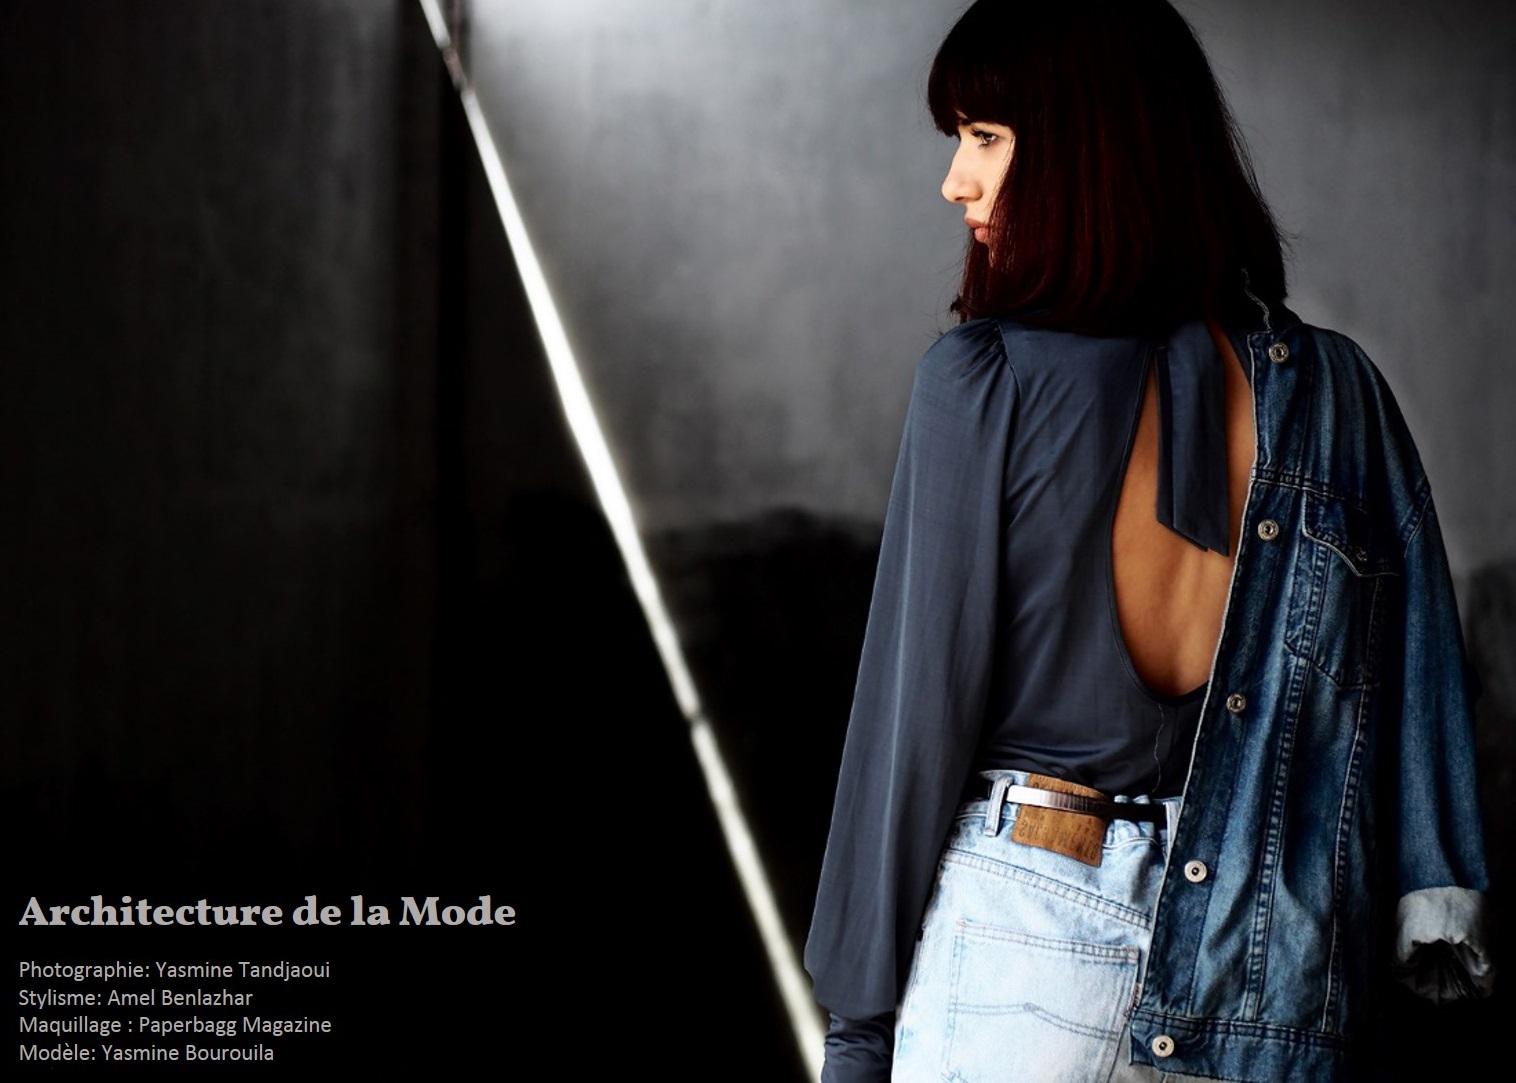 Fashion Editorial : Architecture de la mode